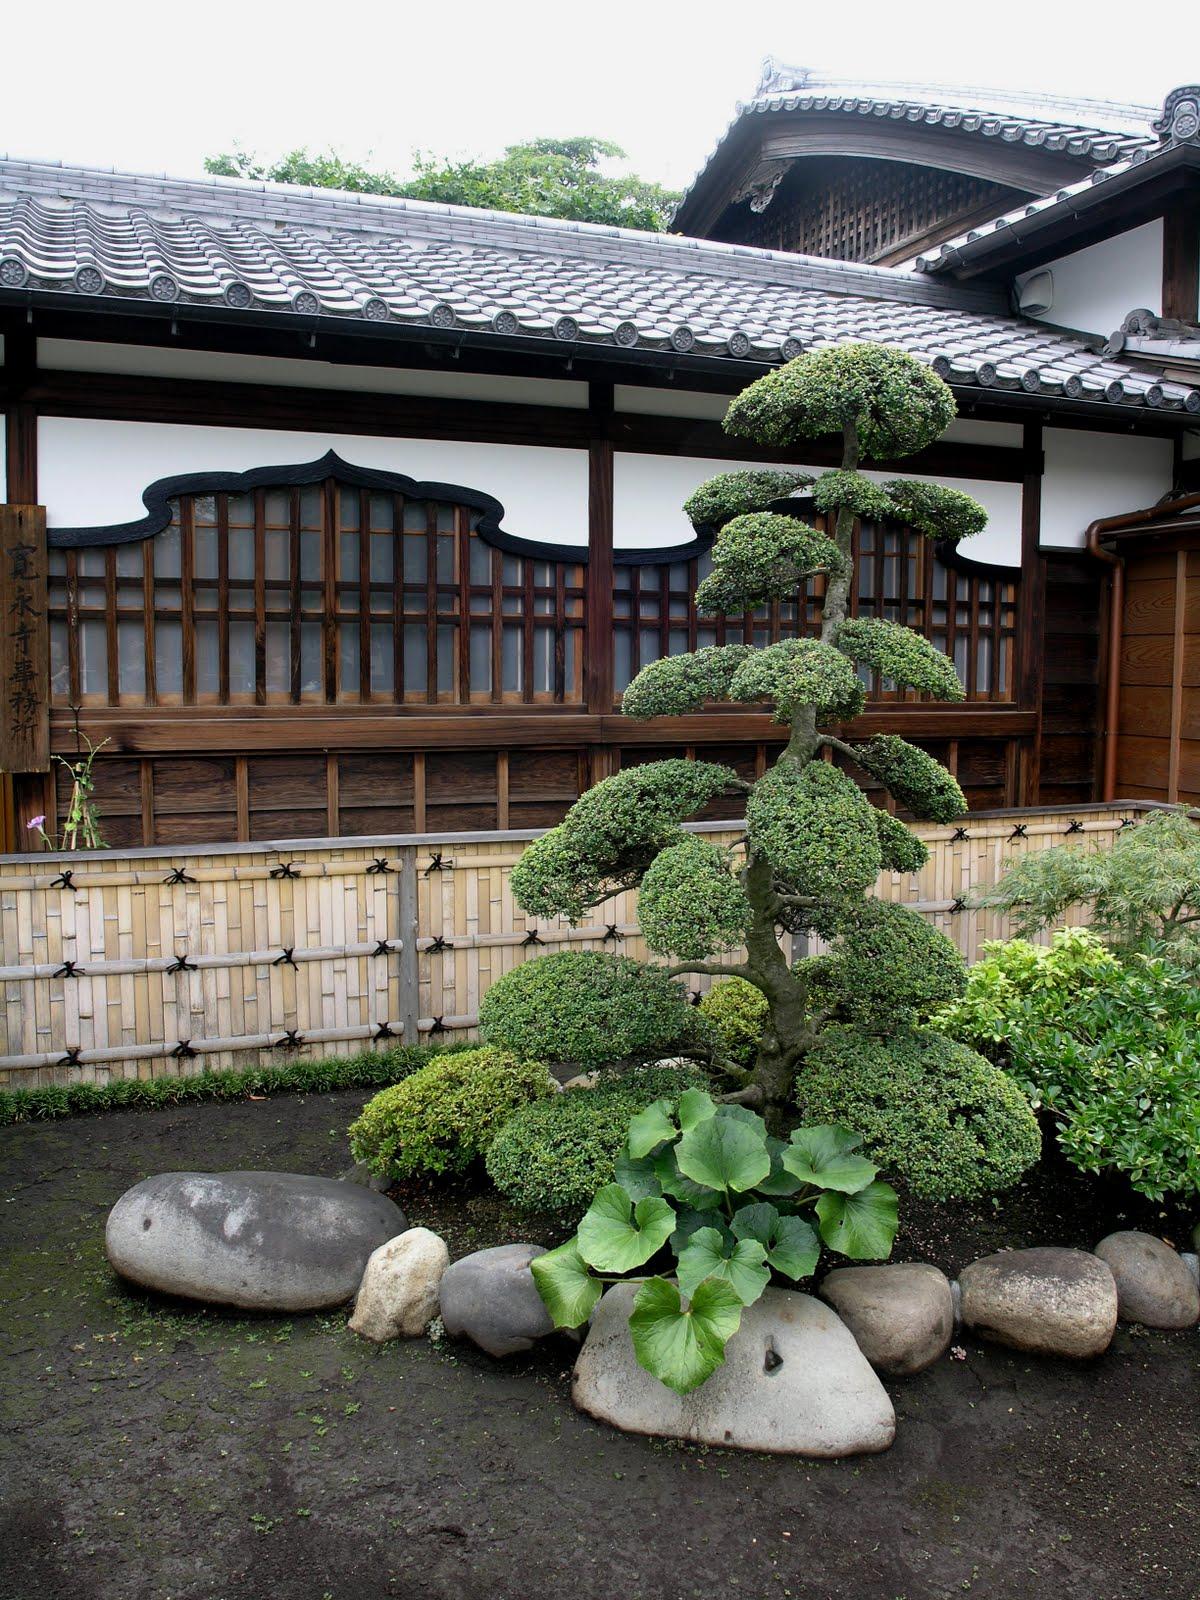 Planeta dunia los colores de un jard n japon s for Jardin 7 colores bernal